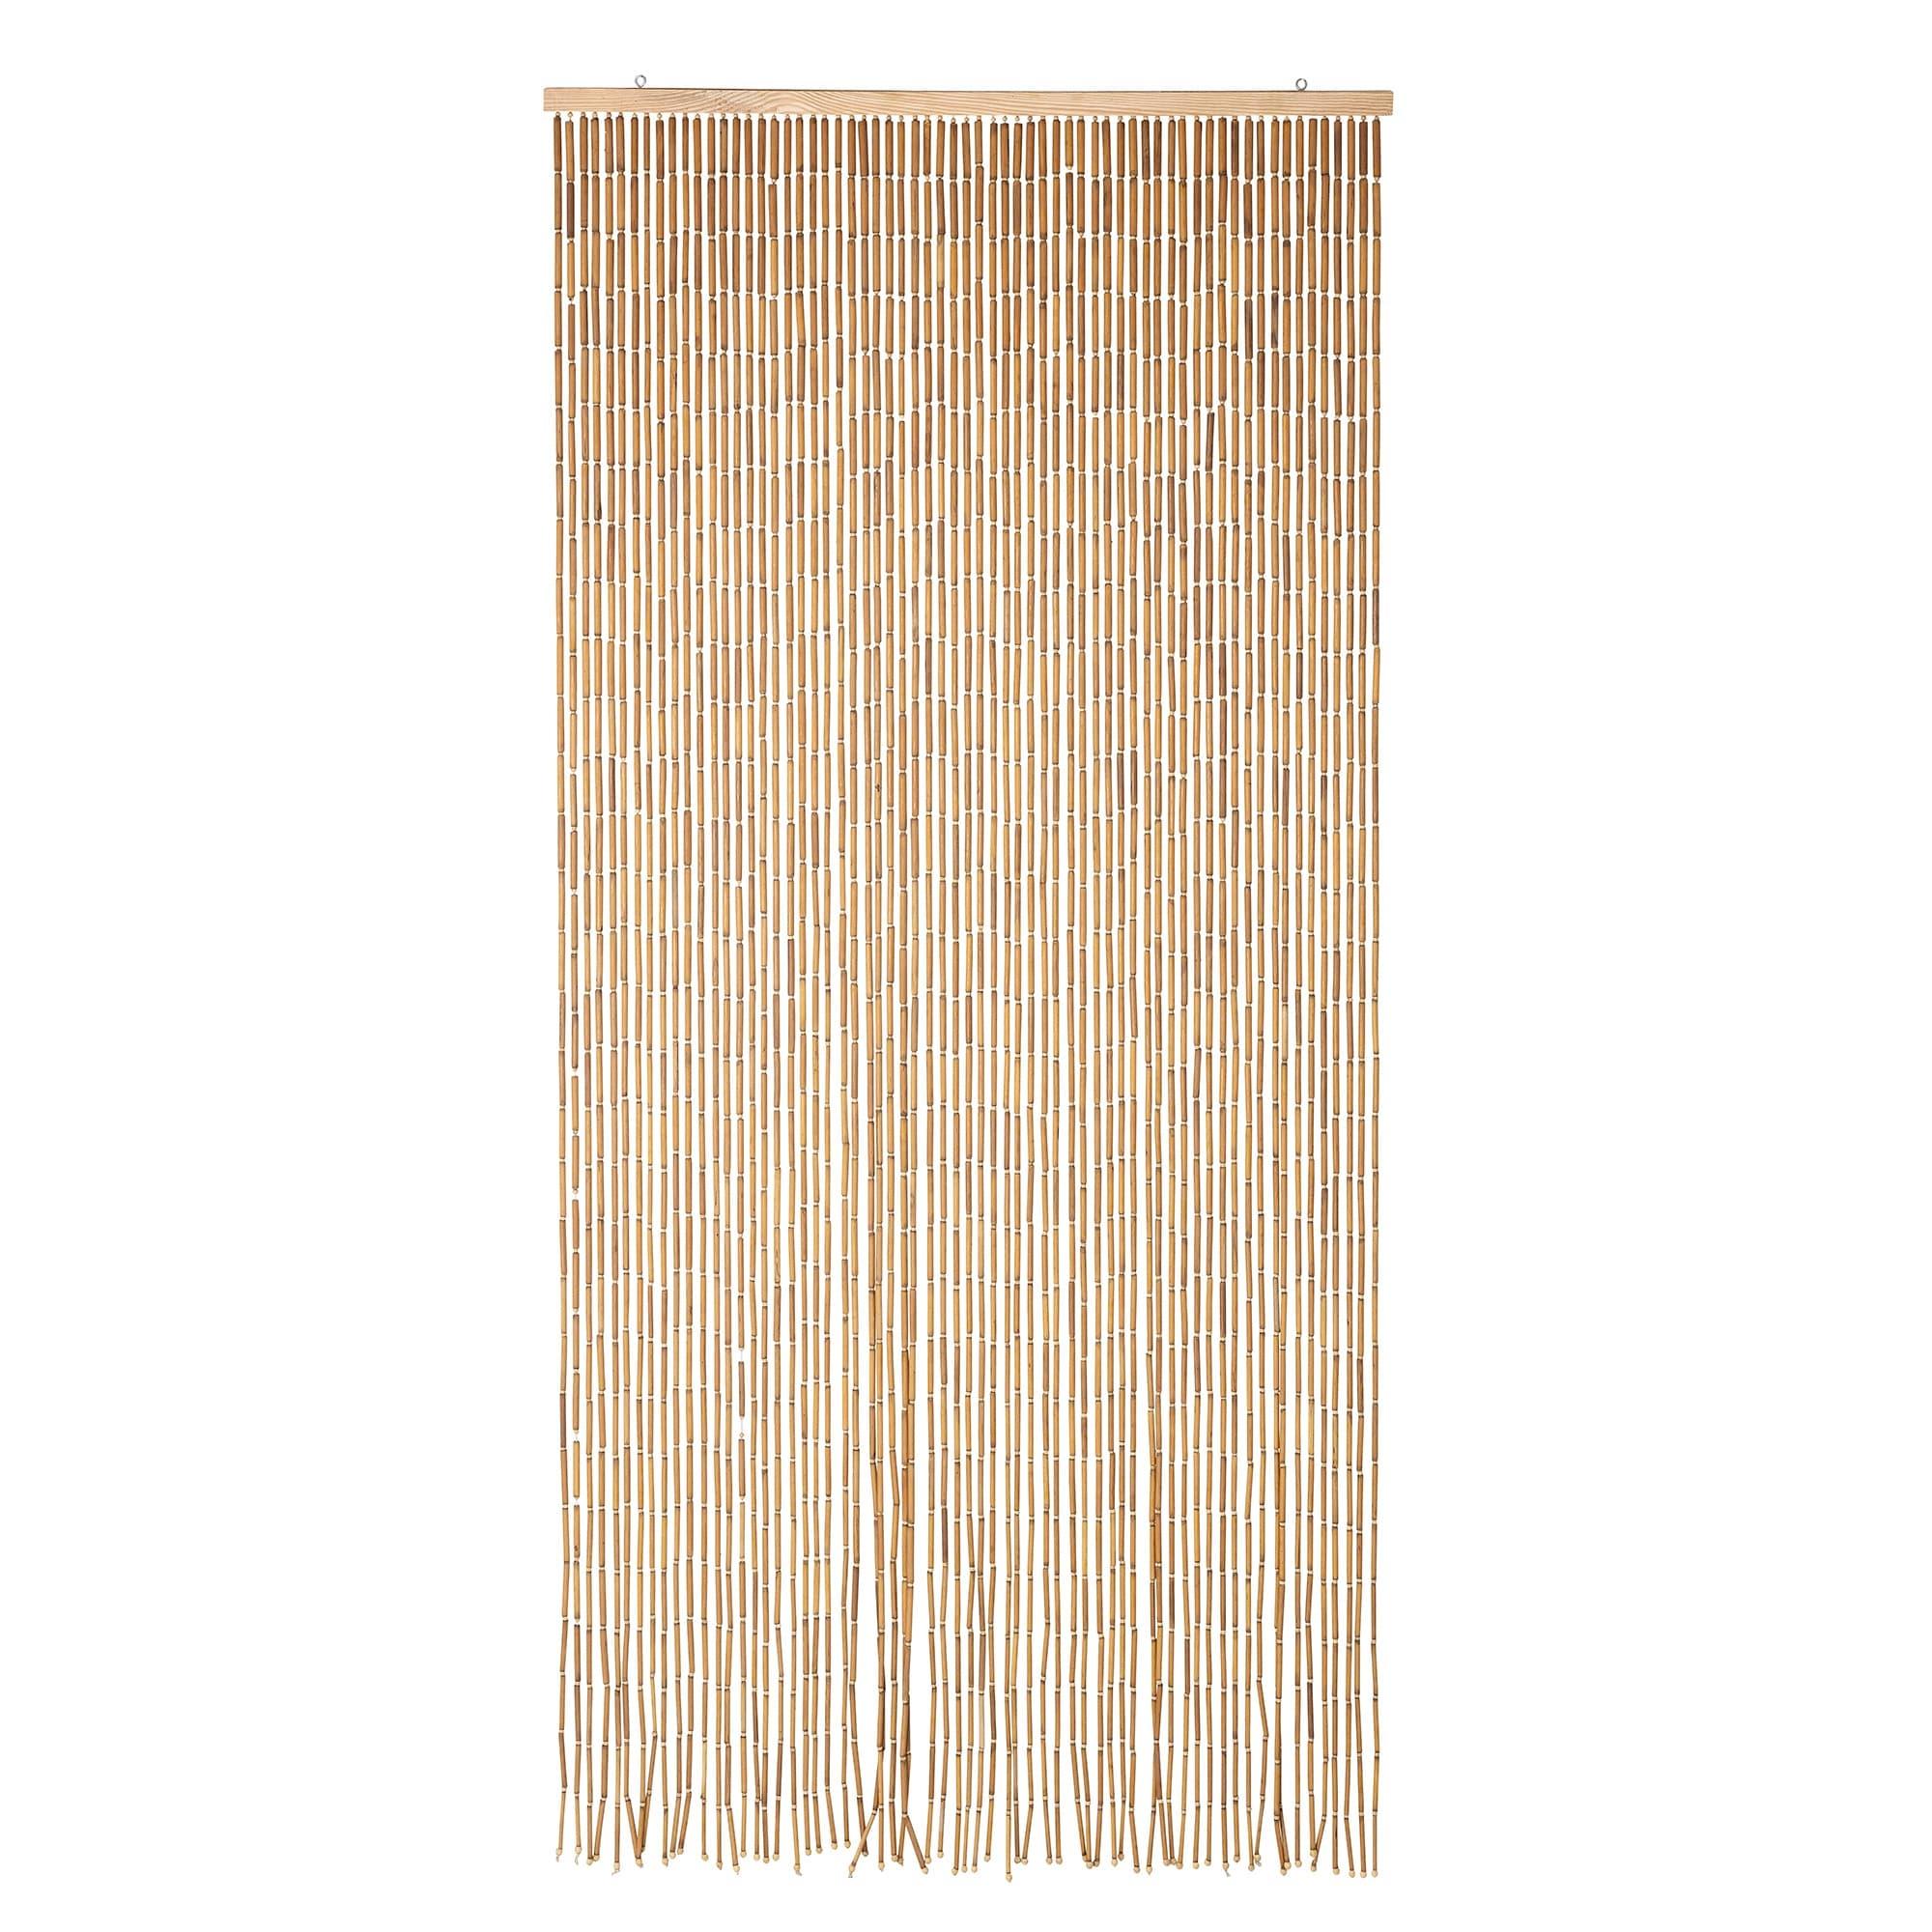 Perdea din bambus, Calista Natur, 90 x 200 cm imagine